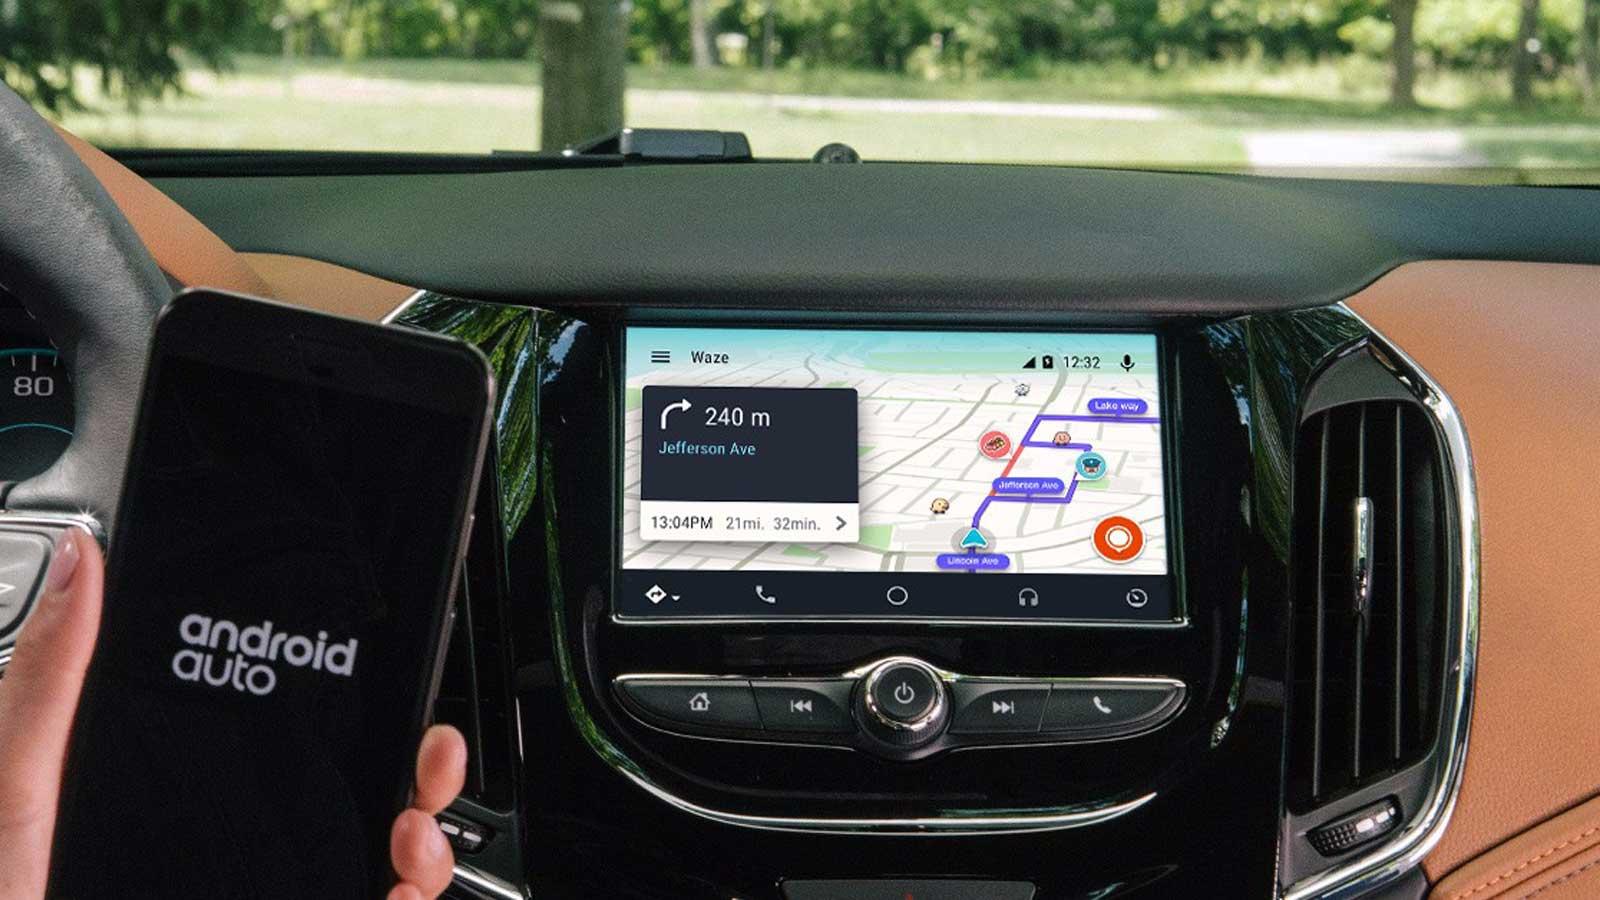 Gps Entfernungsmesser App : Navigations app waze tipps für den google maps konkurrenten